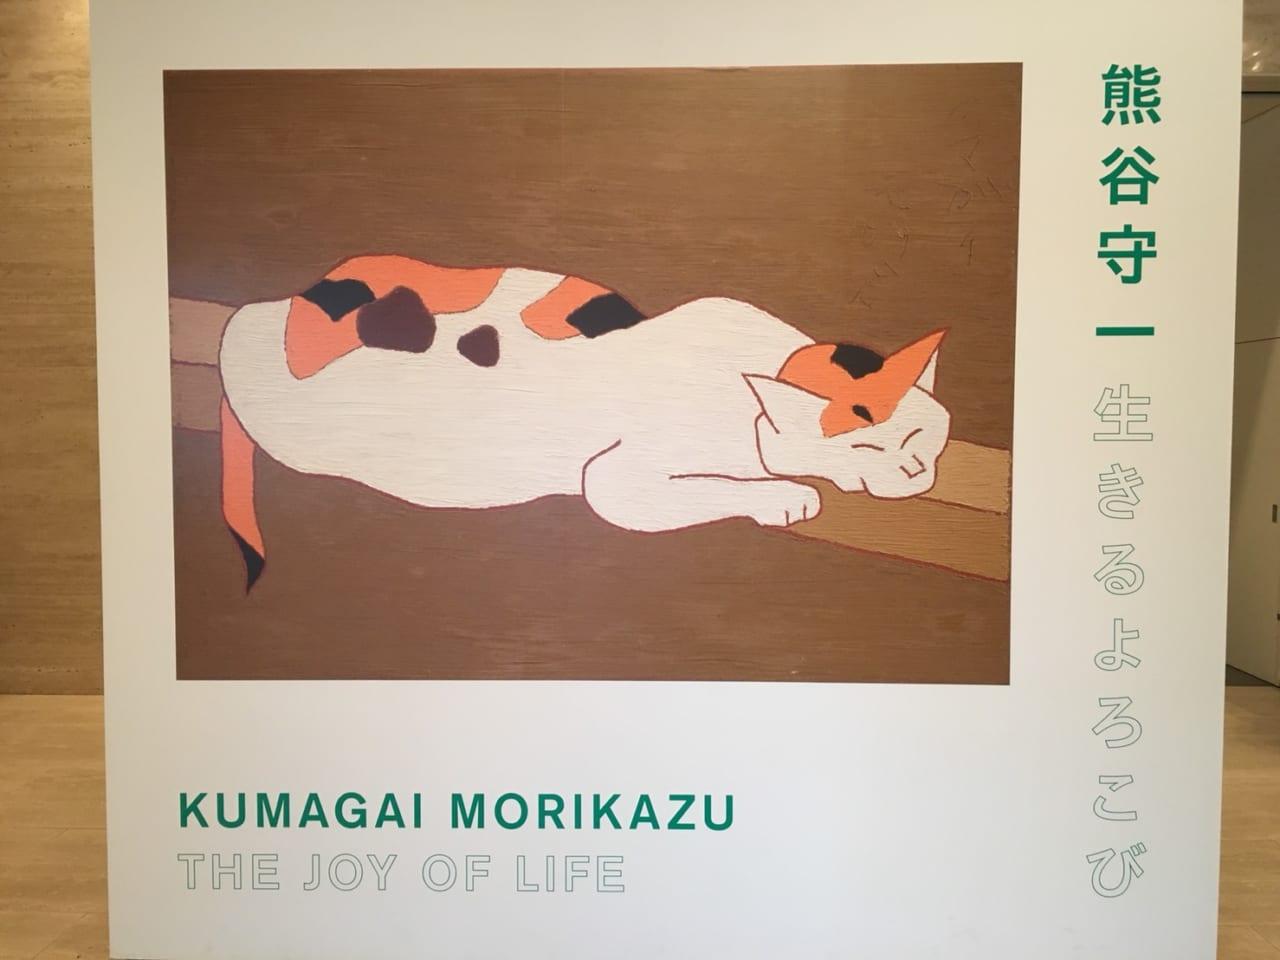 熊谷守一「没後40年 生きるよろこび」展を見て